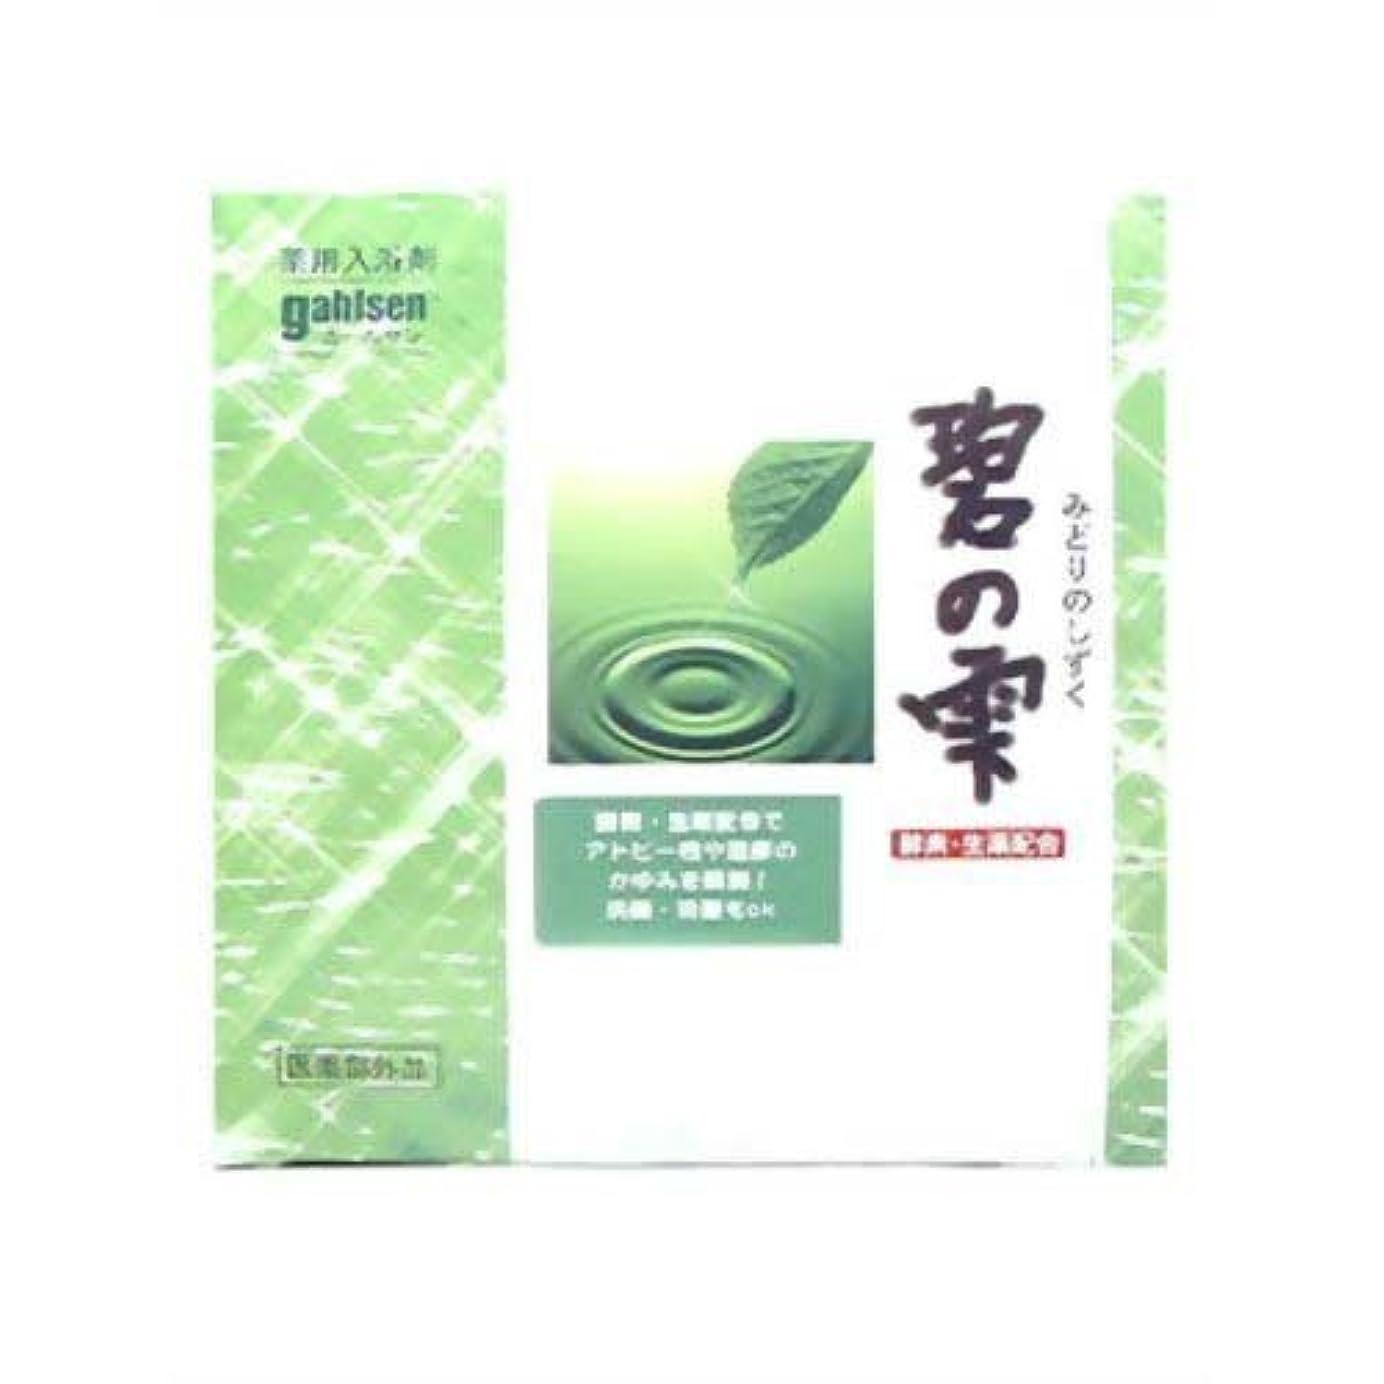 アコード損失立場東海美商 酵素入浴剤ガールセン「碧の雫」 20g×48包